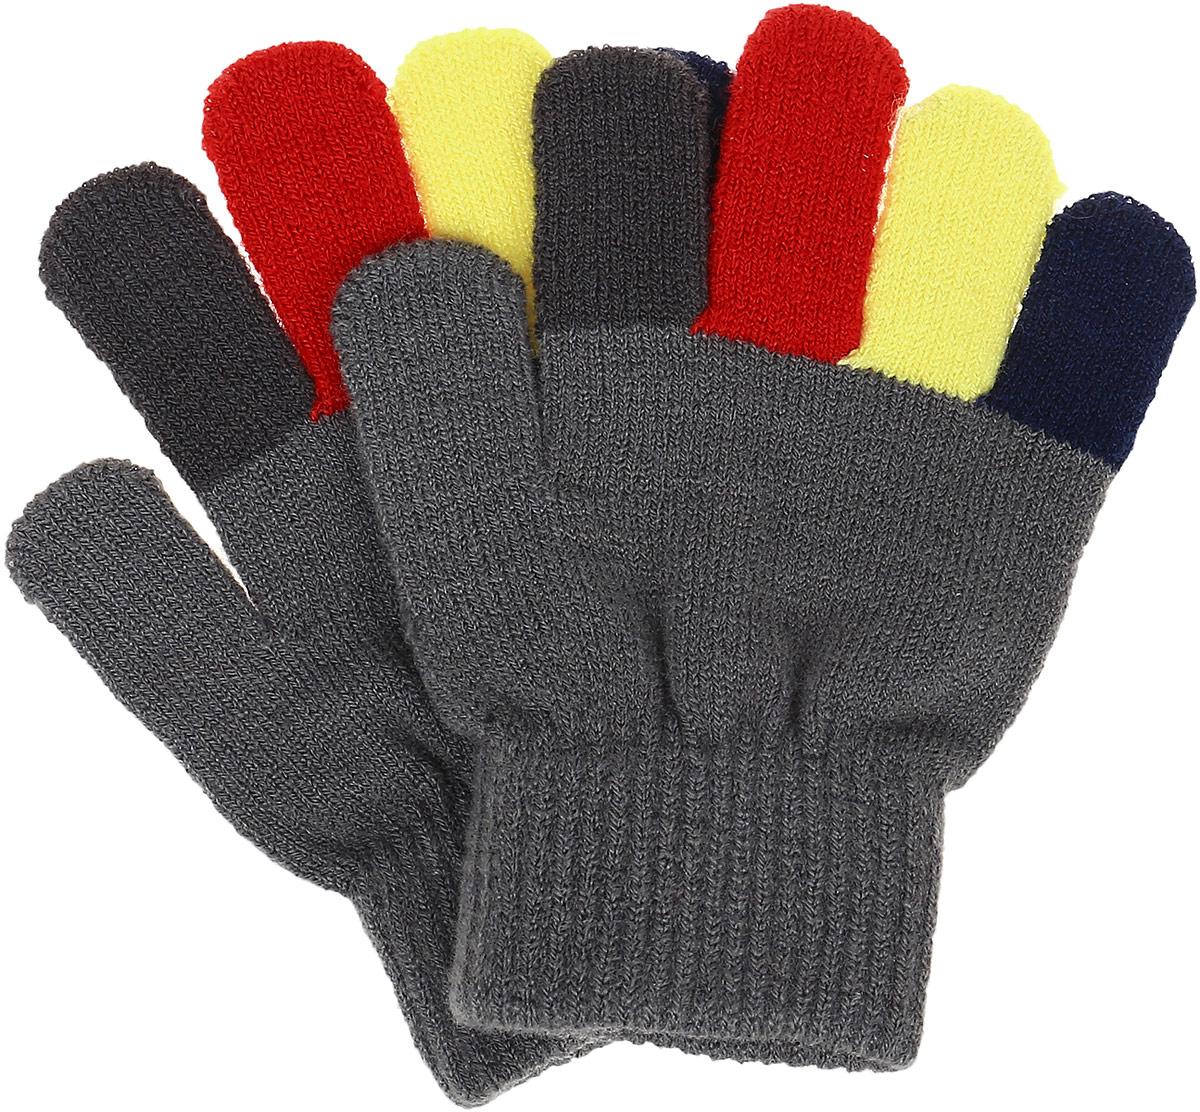 Перчатки детские PlayToday, цвет: серо-зеленый. 361038. Размер 15, 7-8 лет361038Перчатки детские PlayToday изготовлены из качественного мягкого акрила. Верх перчаток дополнен широкой резинкой. Вязаные перчатки станут идеальным вариантом для прохладной погоды. Они очень мягкие, хорошо тянутся и прекрасно сохраняют тепло.